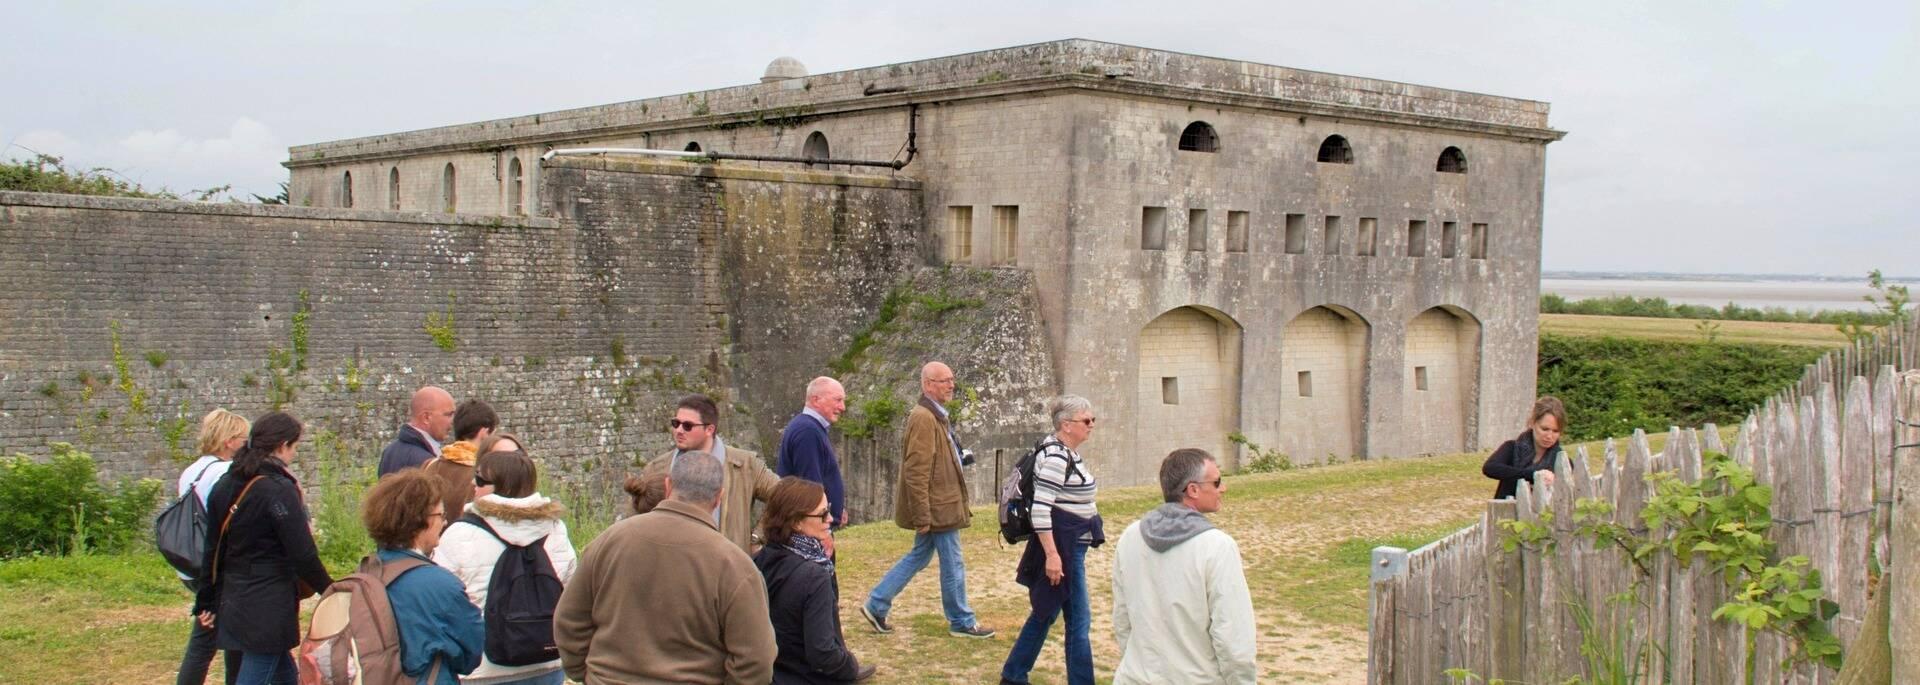 En visite guidée au fort de l'île Madame - © Office de tourisme Rochefort Océan